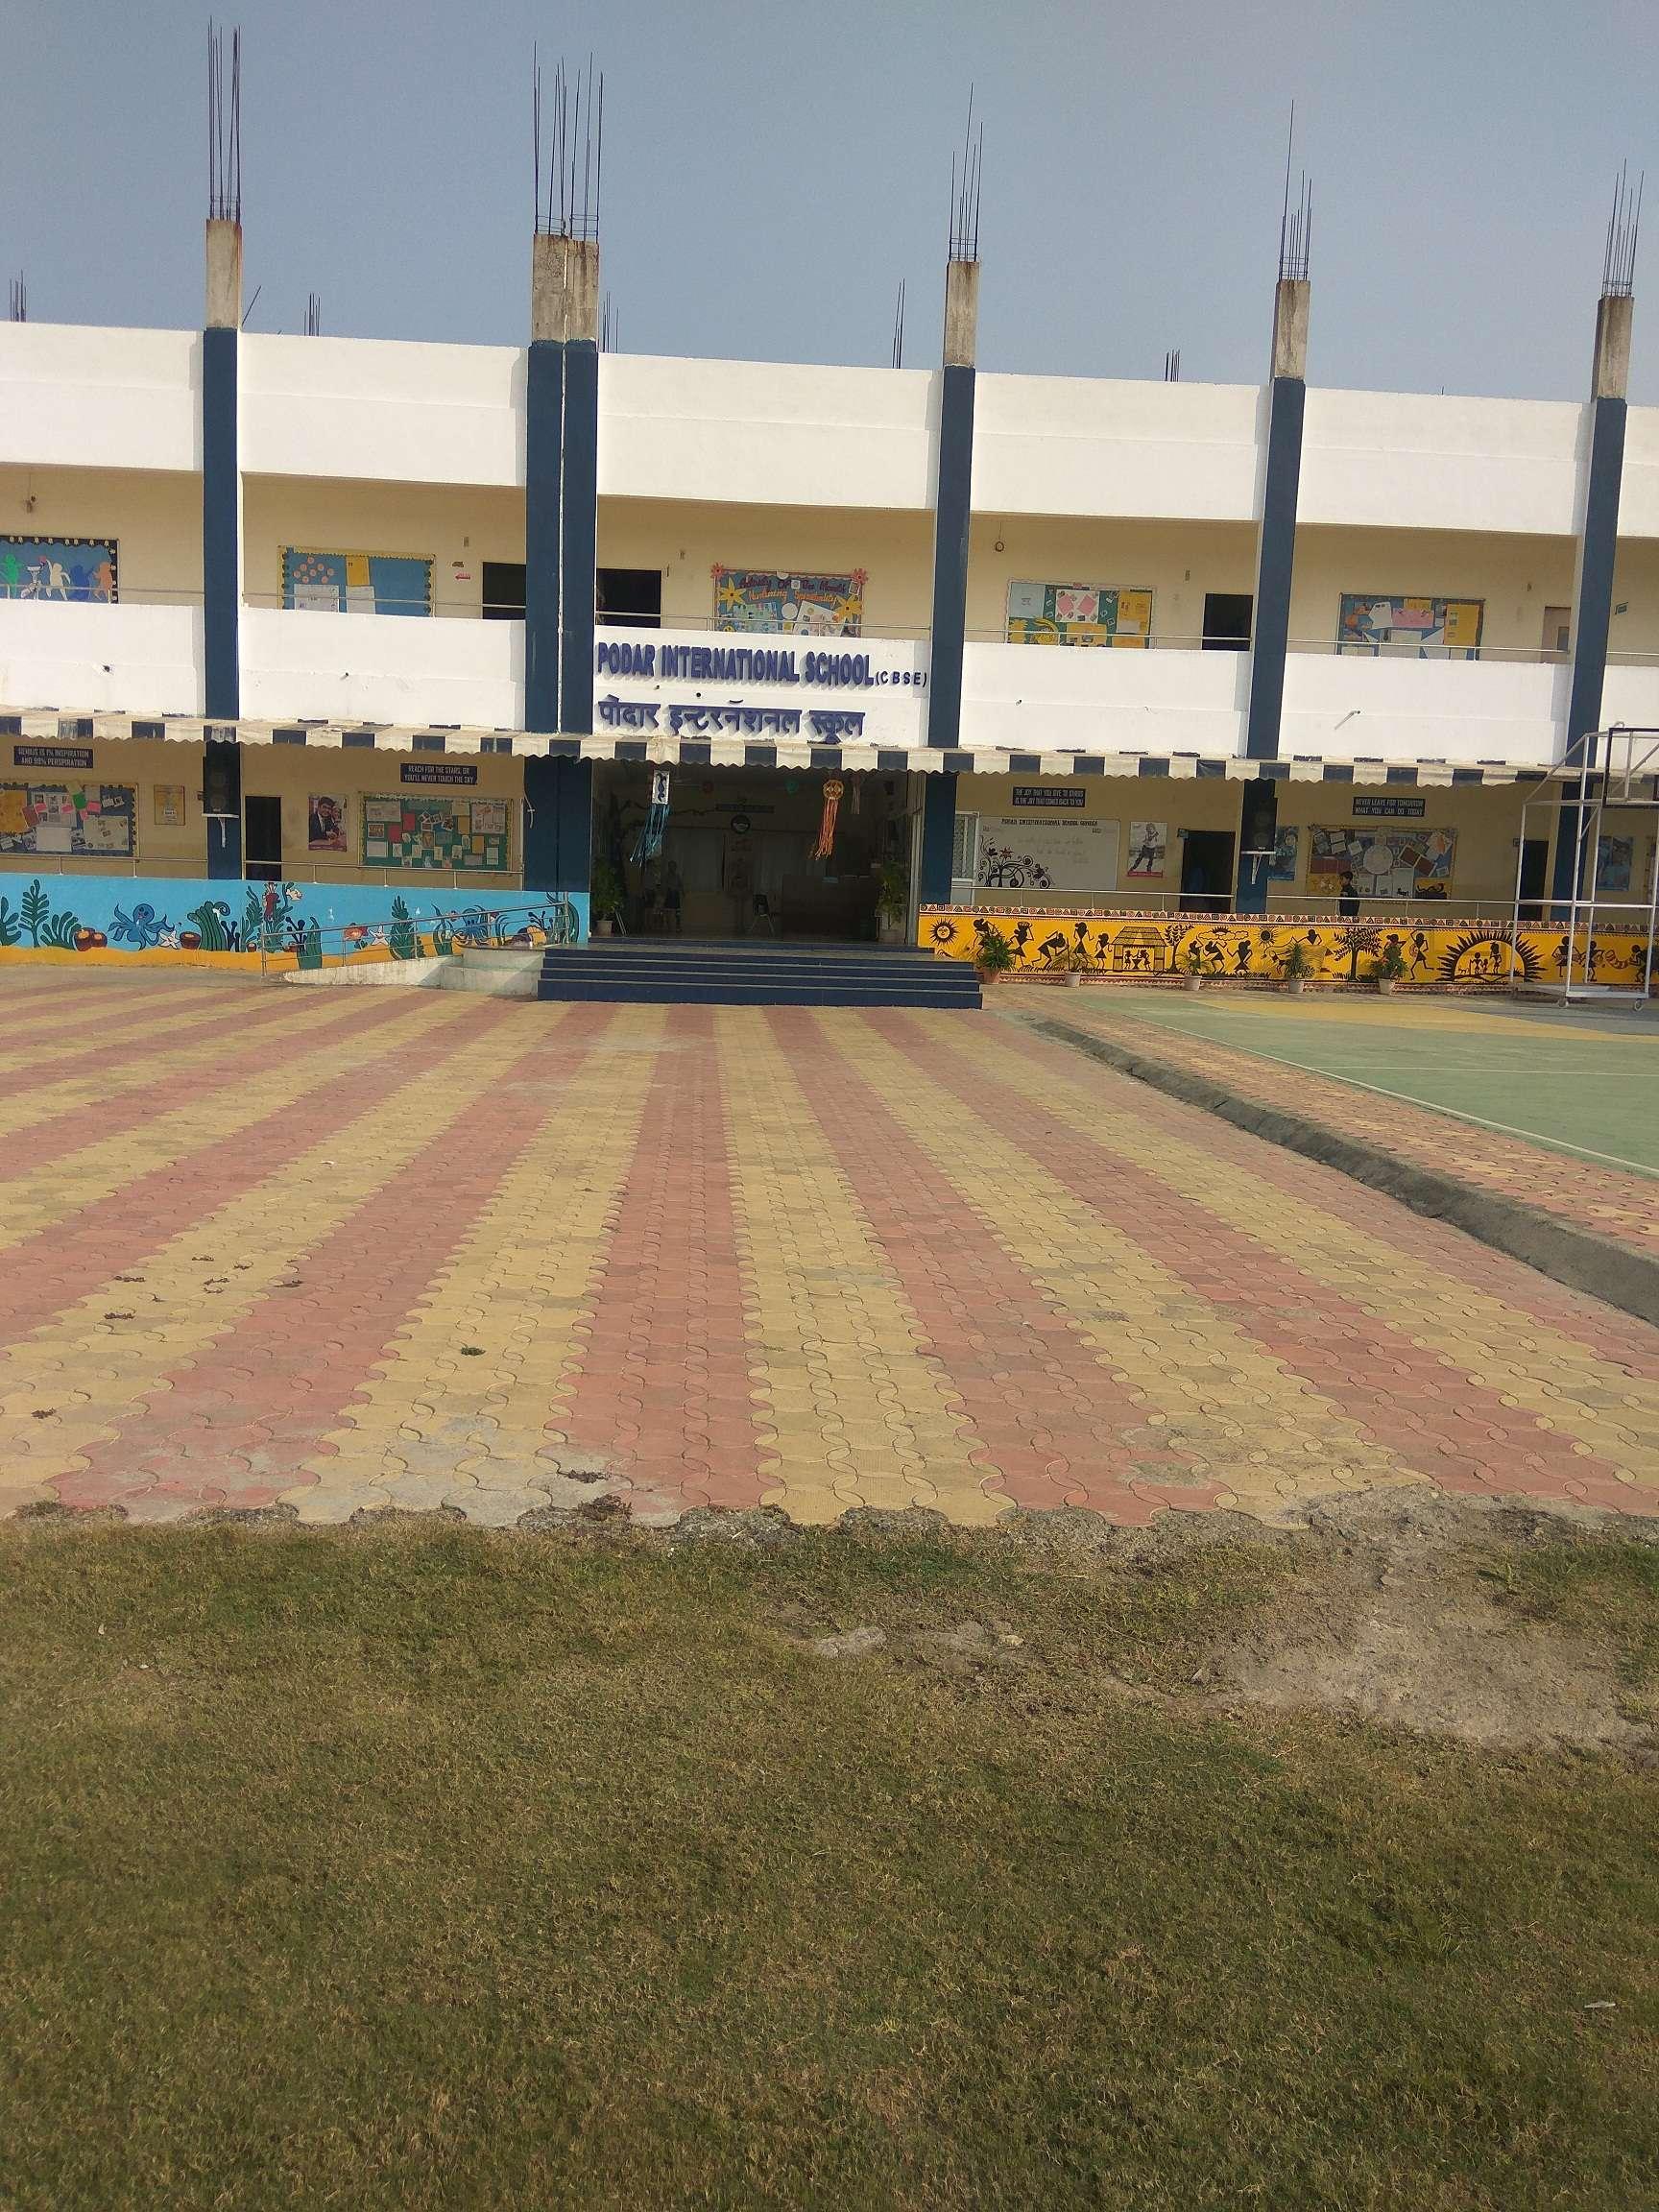 PODAR INTERNATIONAL SCHOOL GONDIYA MAHARASHTRA 1130531